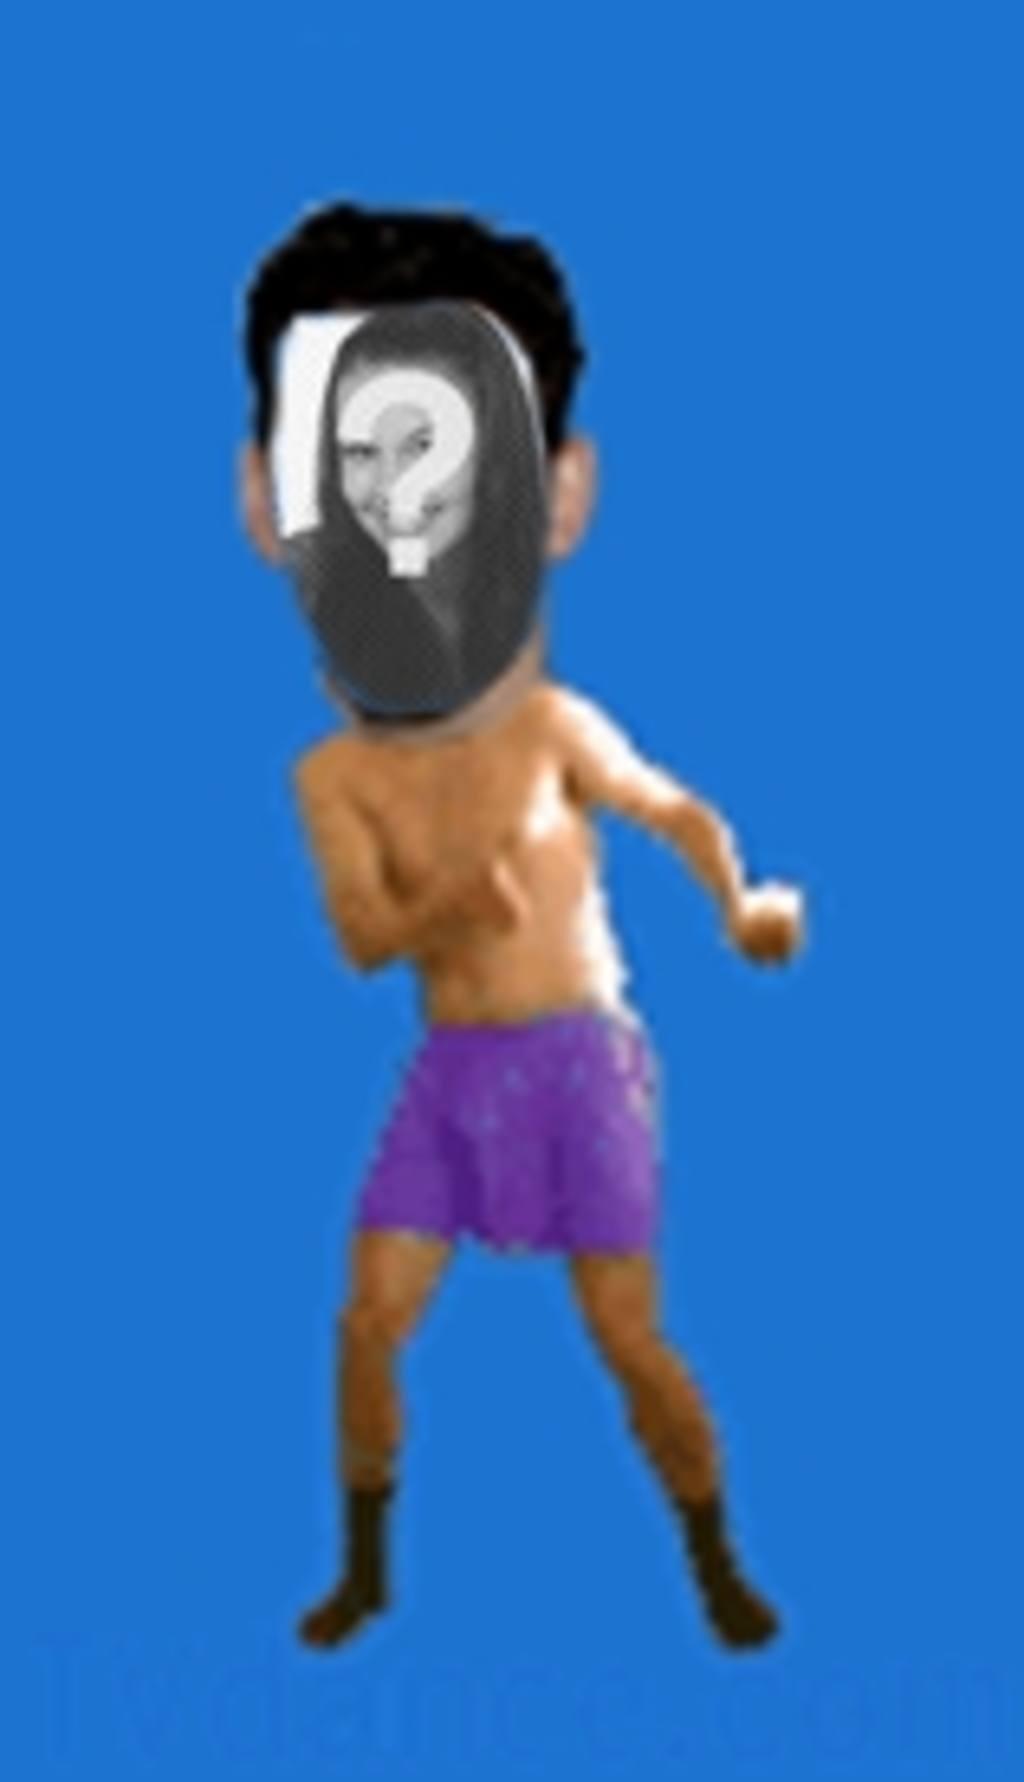 Animación de un hombre en calzoncillos bailando el boogie en la que insertar la cara de tu elección